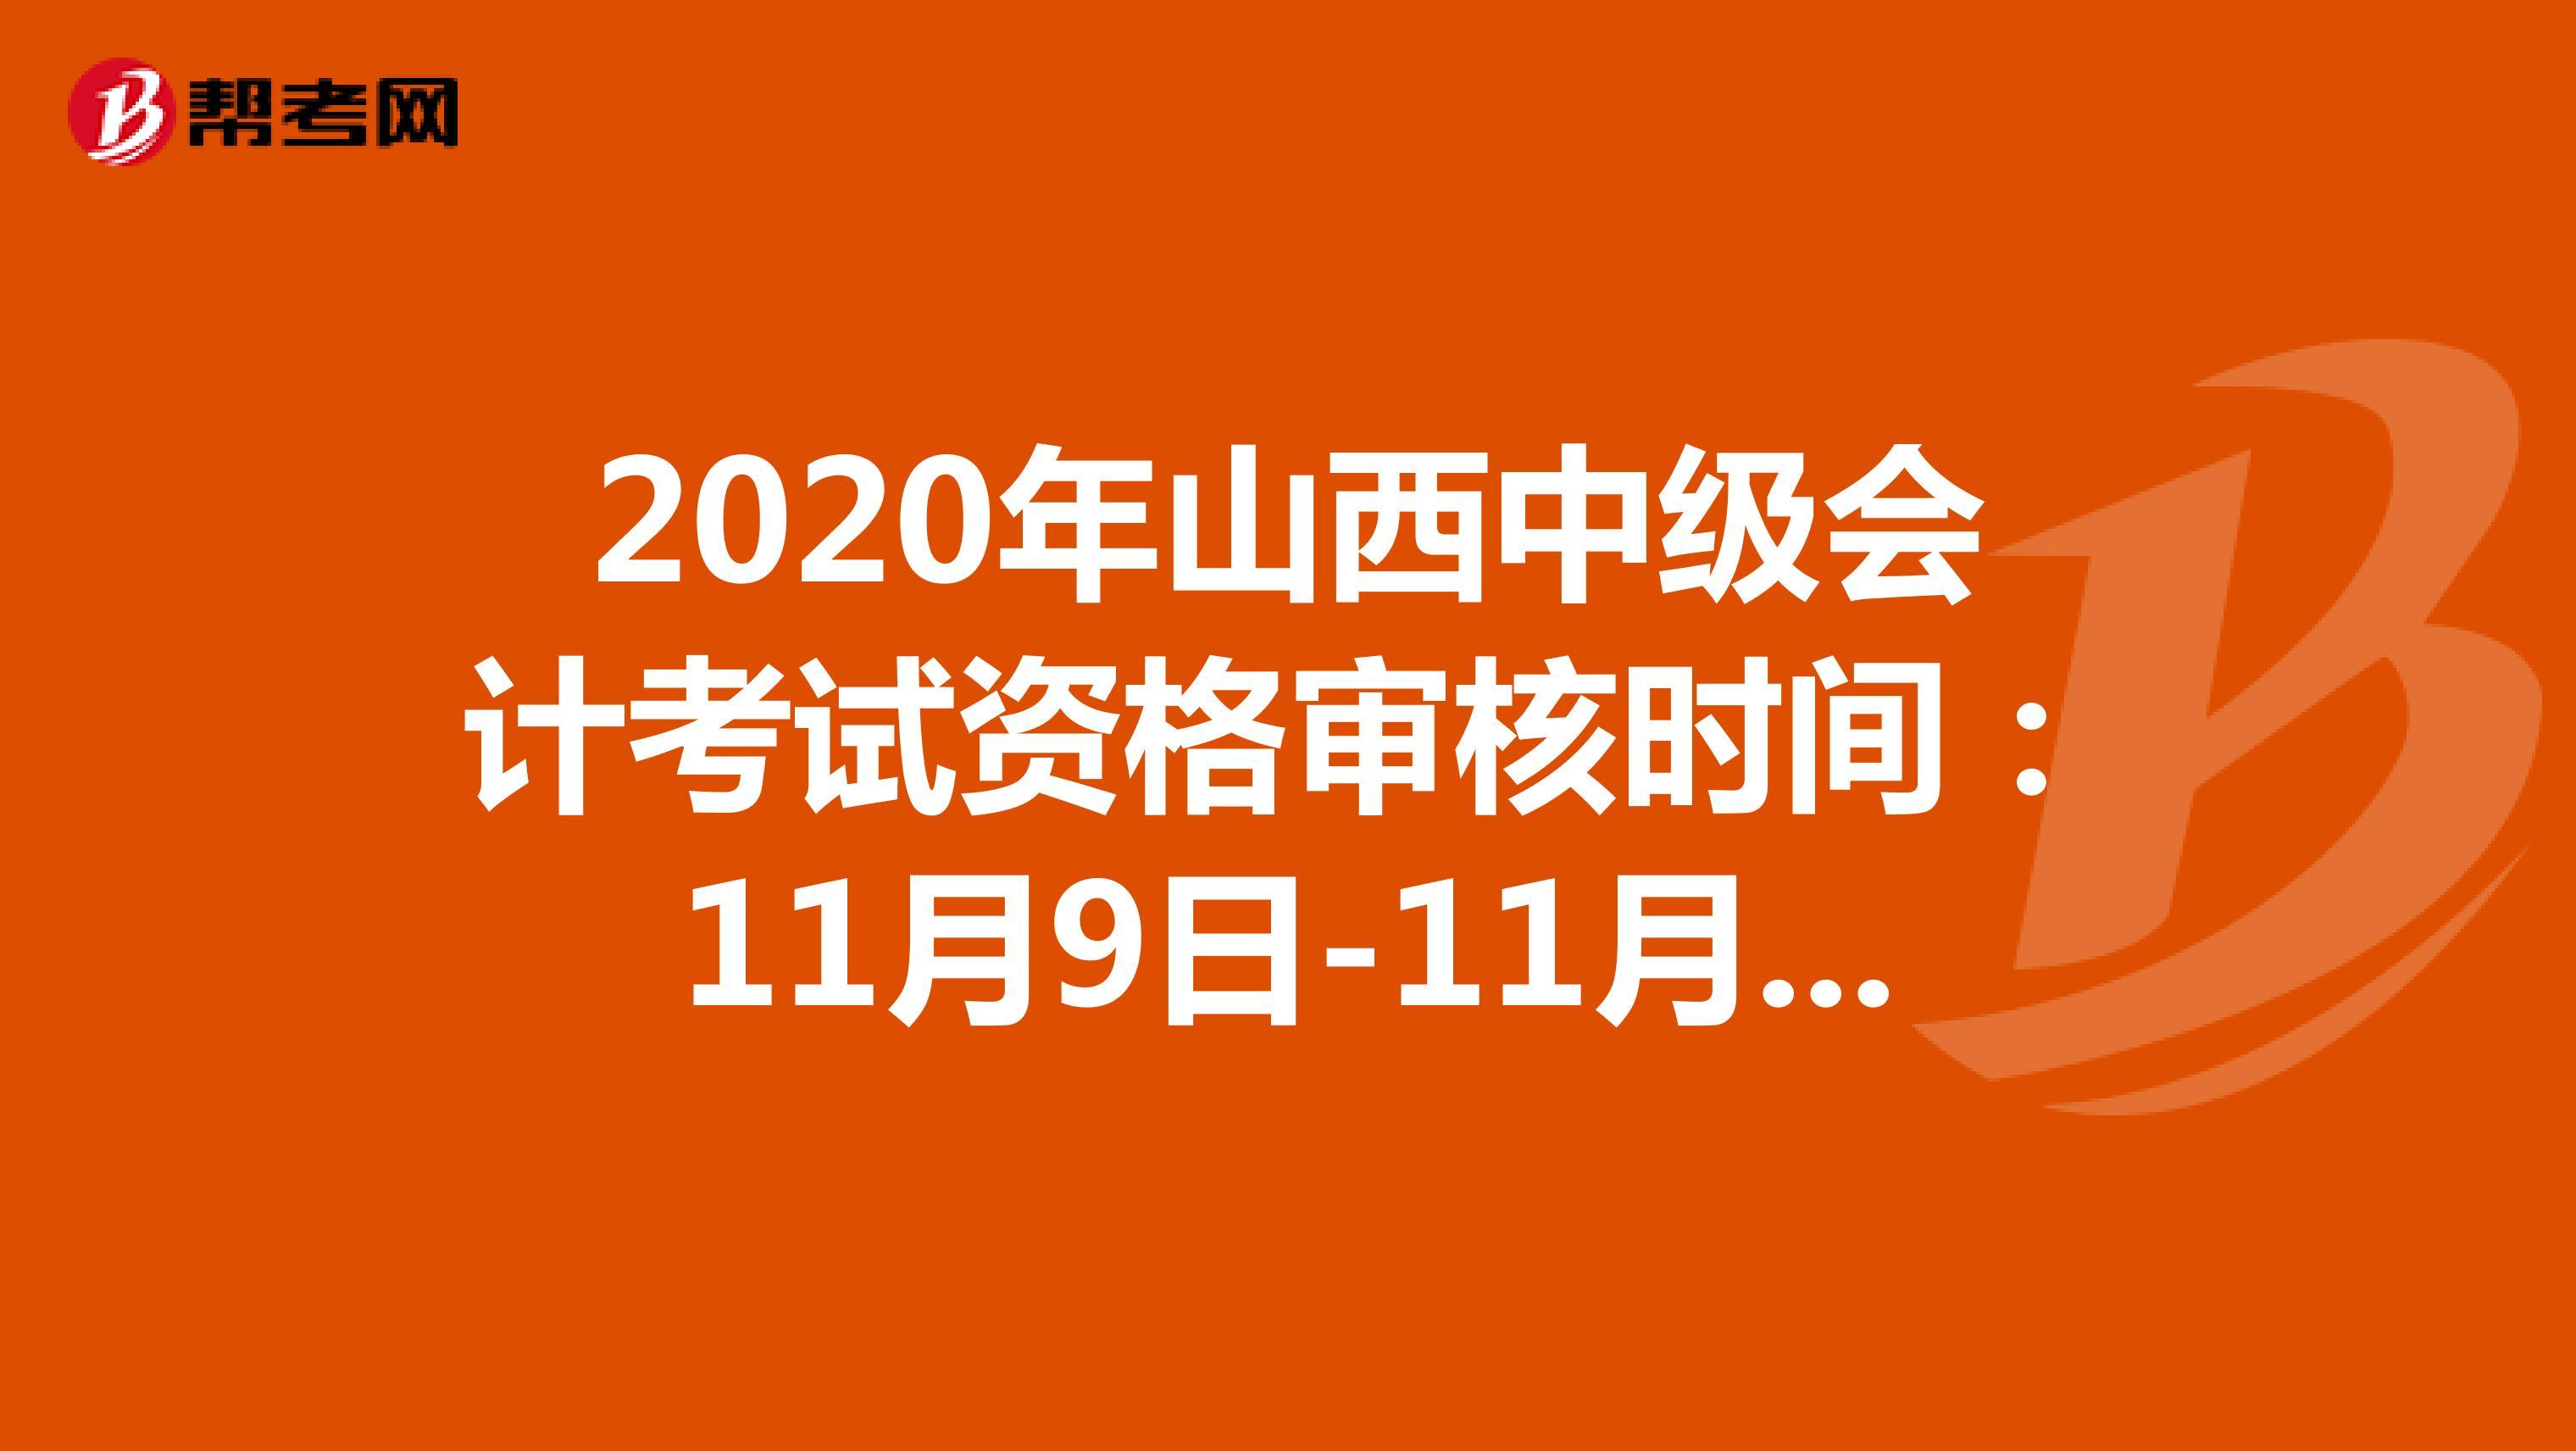 2020年山西中级会计考试资格审核时间:11月9日-11月13日